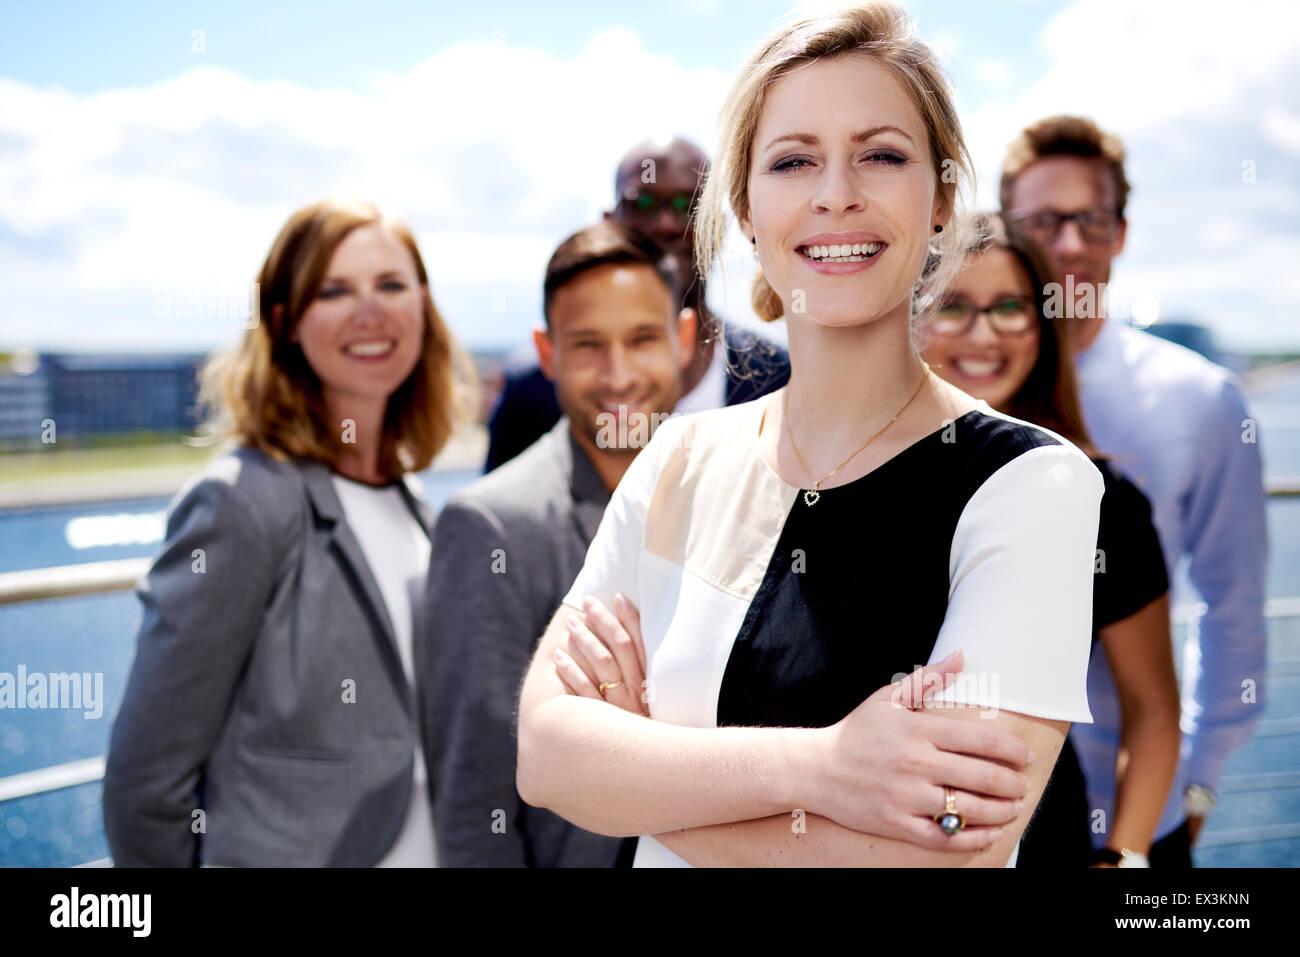 White female executive debout devant des collègues avec les bras croisés en souriant. Photo Stock